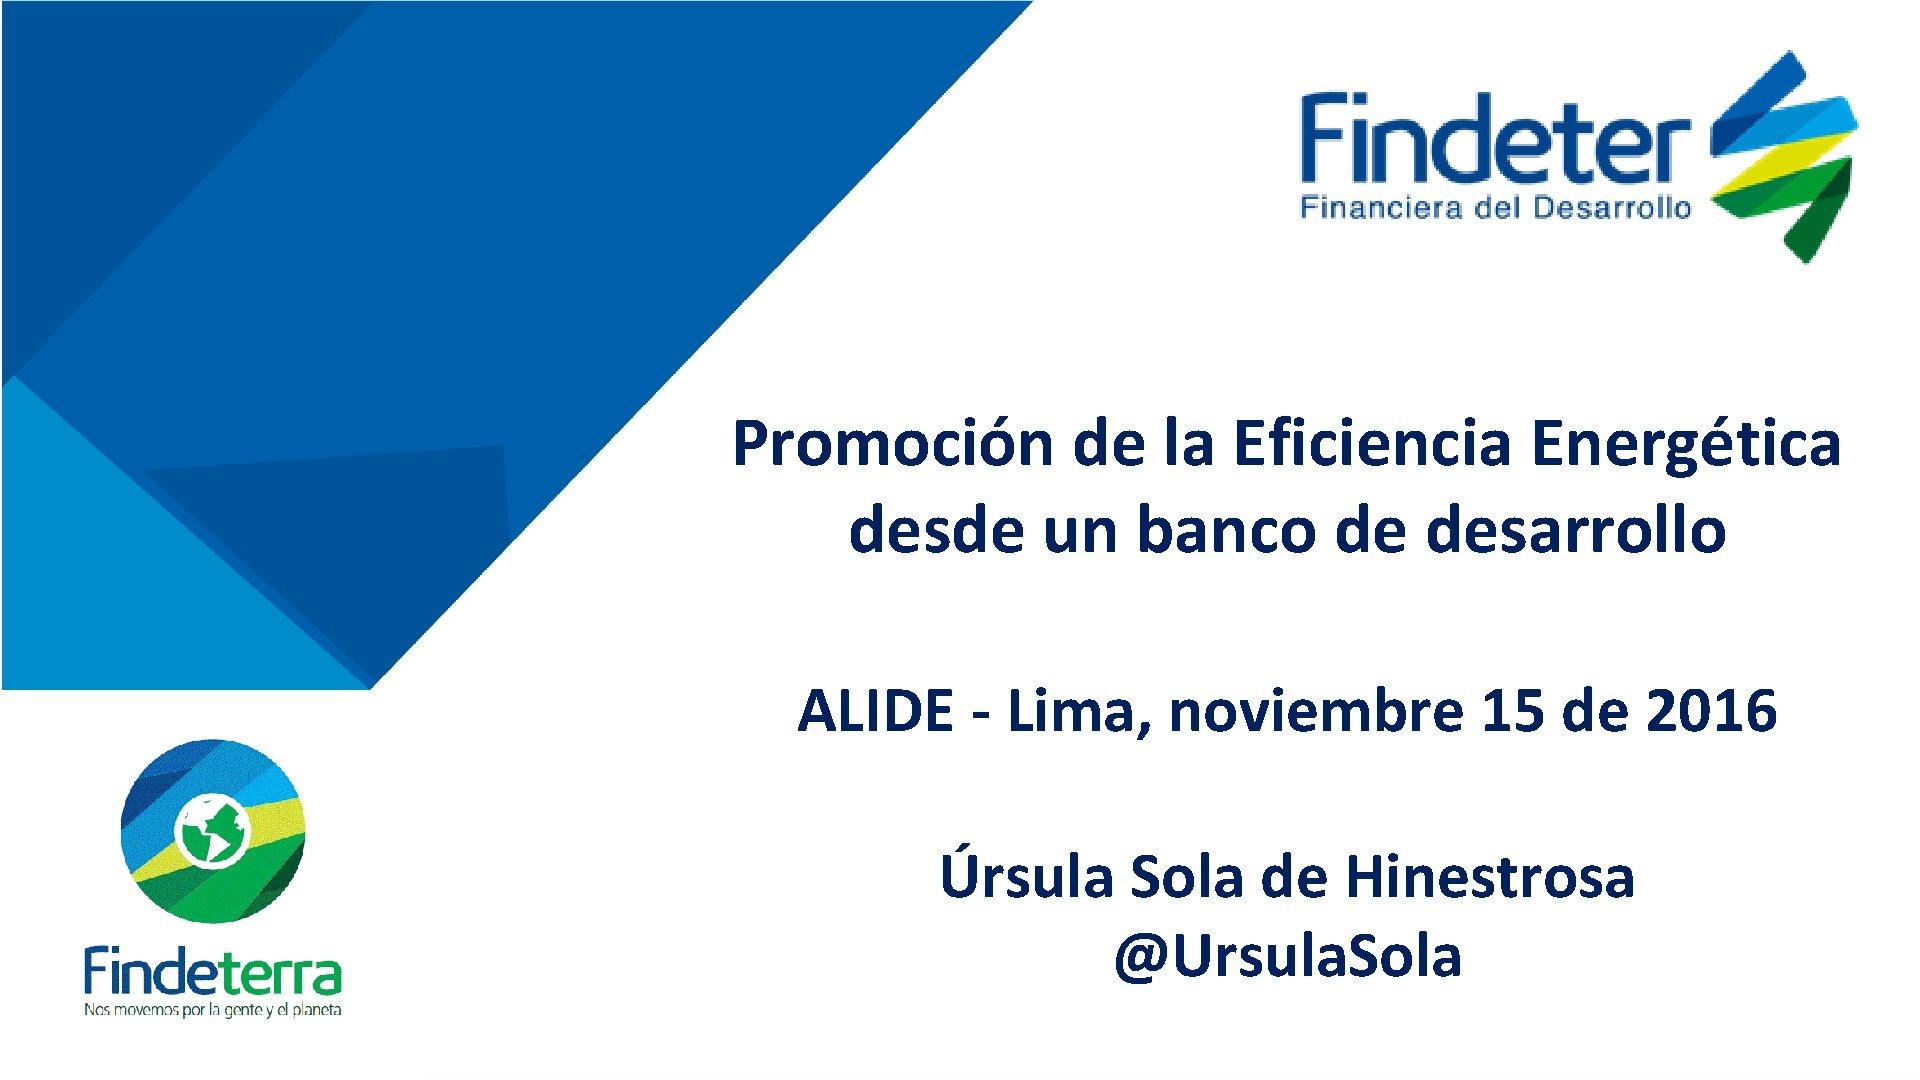 Promoción de la Eficiencia Energética desde un banco de desarrollo ALIDE - Lima, noviembre